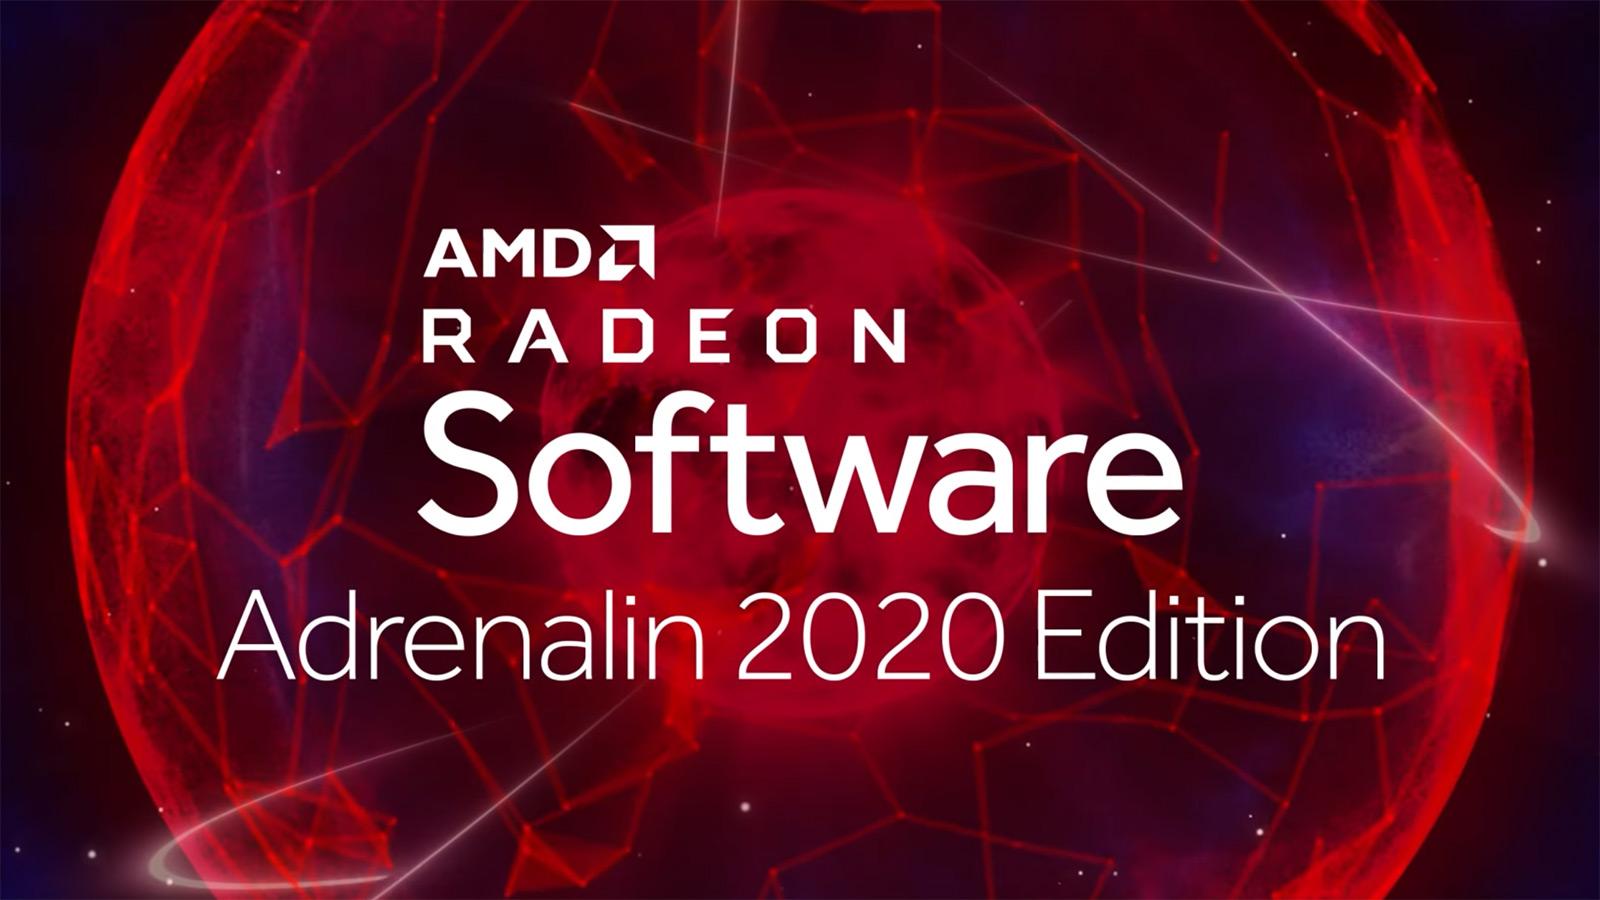 AMD Radeon Software Adrenalin 2020 Edition 20.1.4 - deskargatzeko eskuragarri dagoen kontrol-paketea